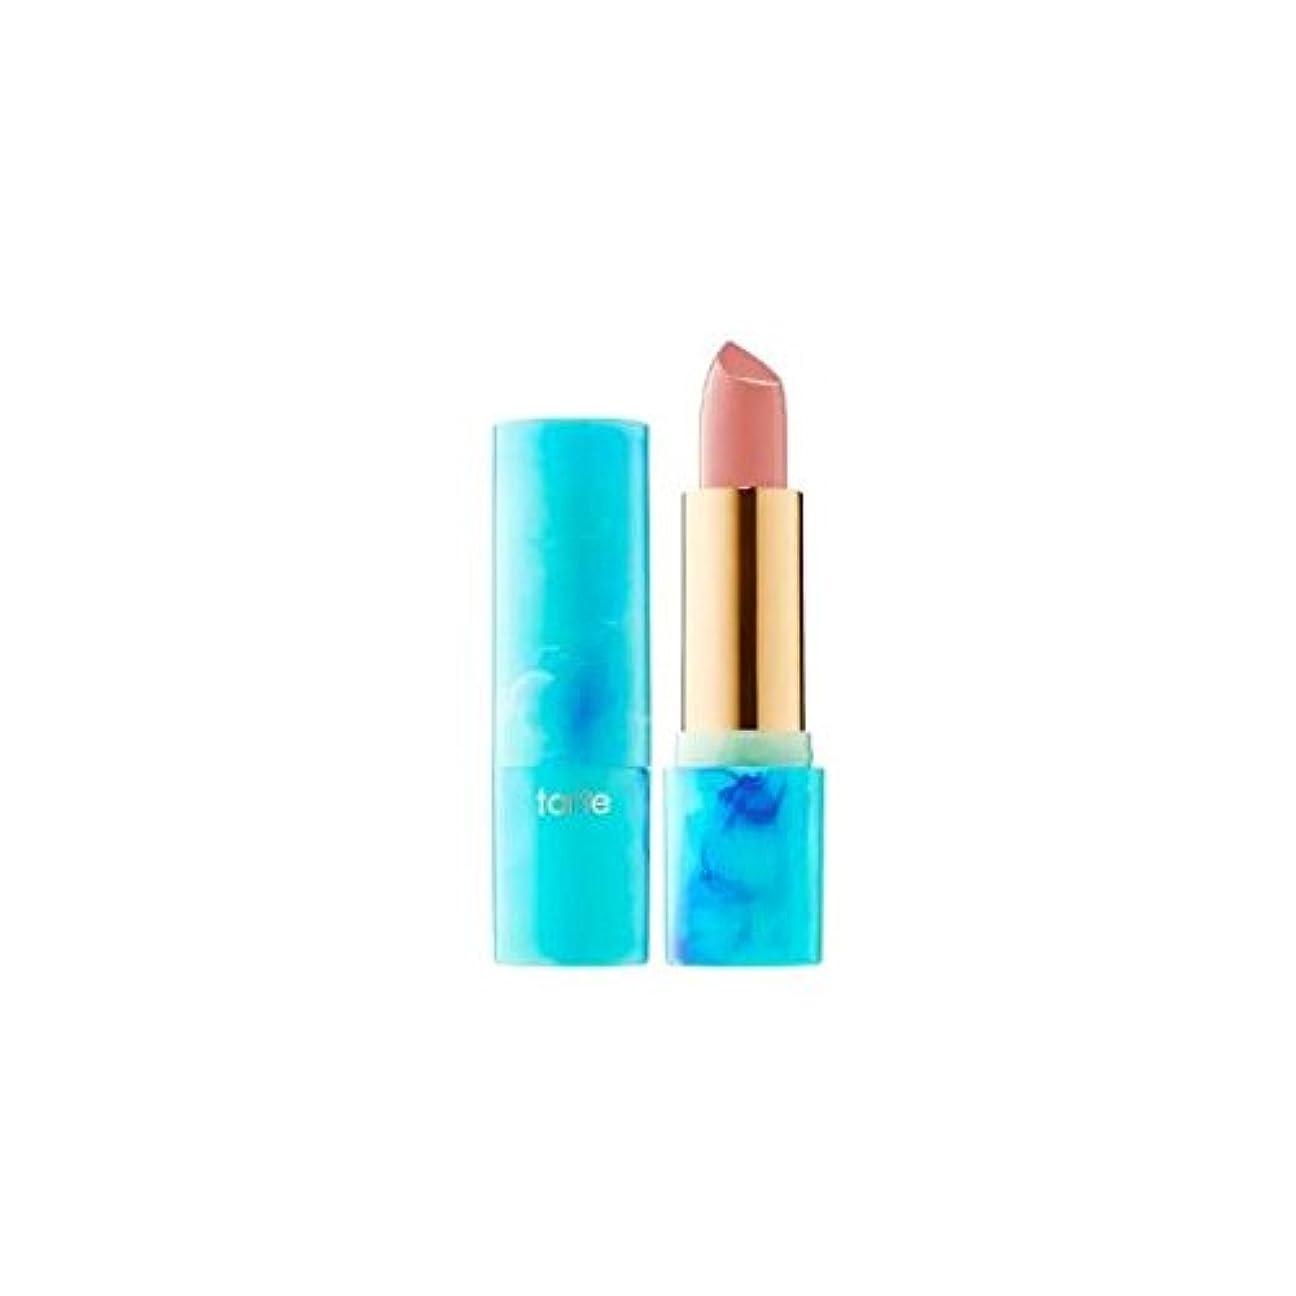 見習い温帯専らtarteタルト リップ Color Splash Lipstick - Rainforest of the Sea Collection Satin finish